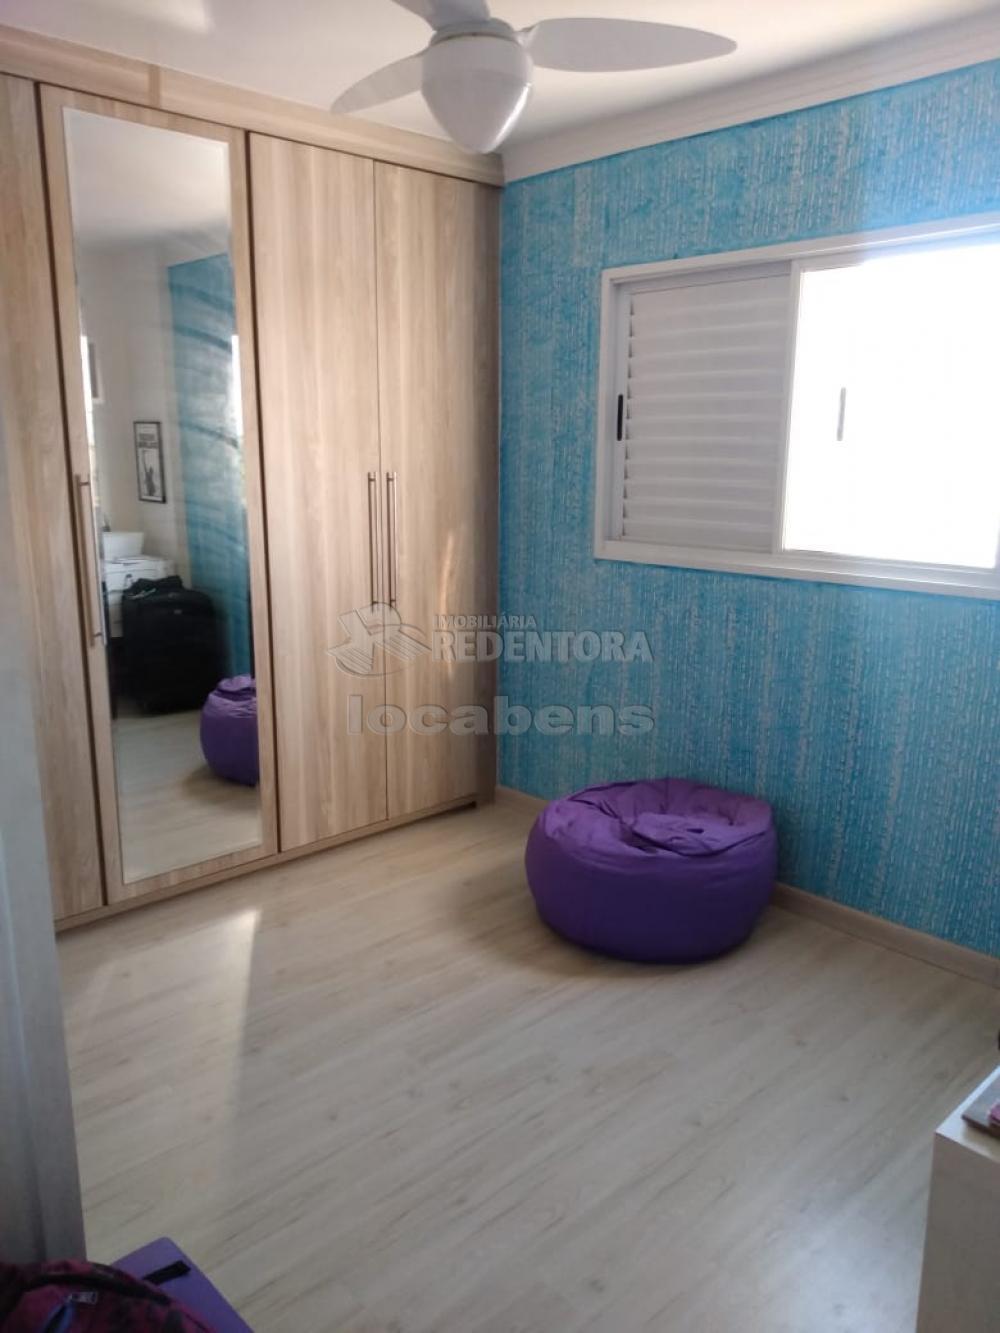 Comprar Apartamento / Padrão em São José do Rio Preto apenas R$ 280.000,00 - Foto 4